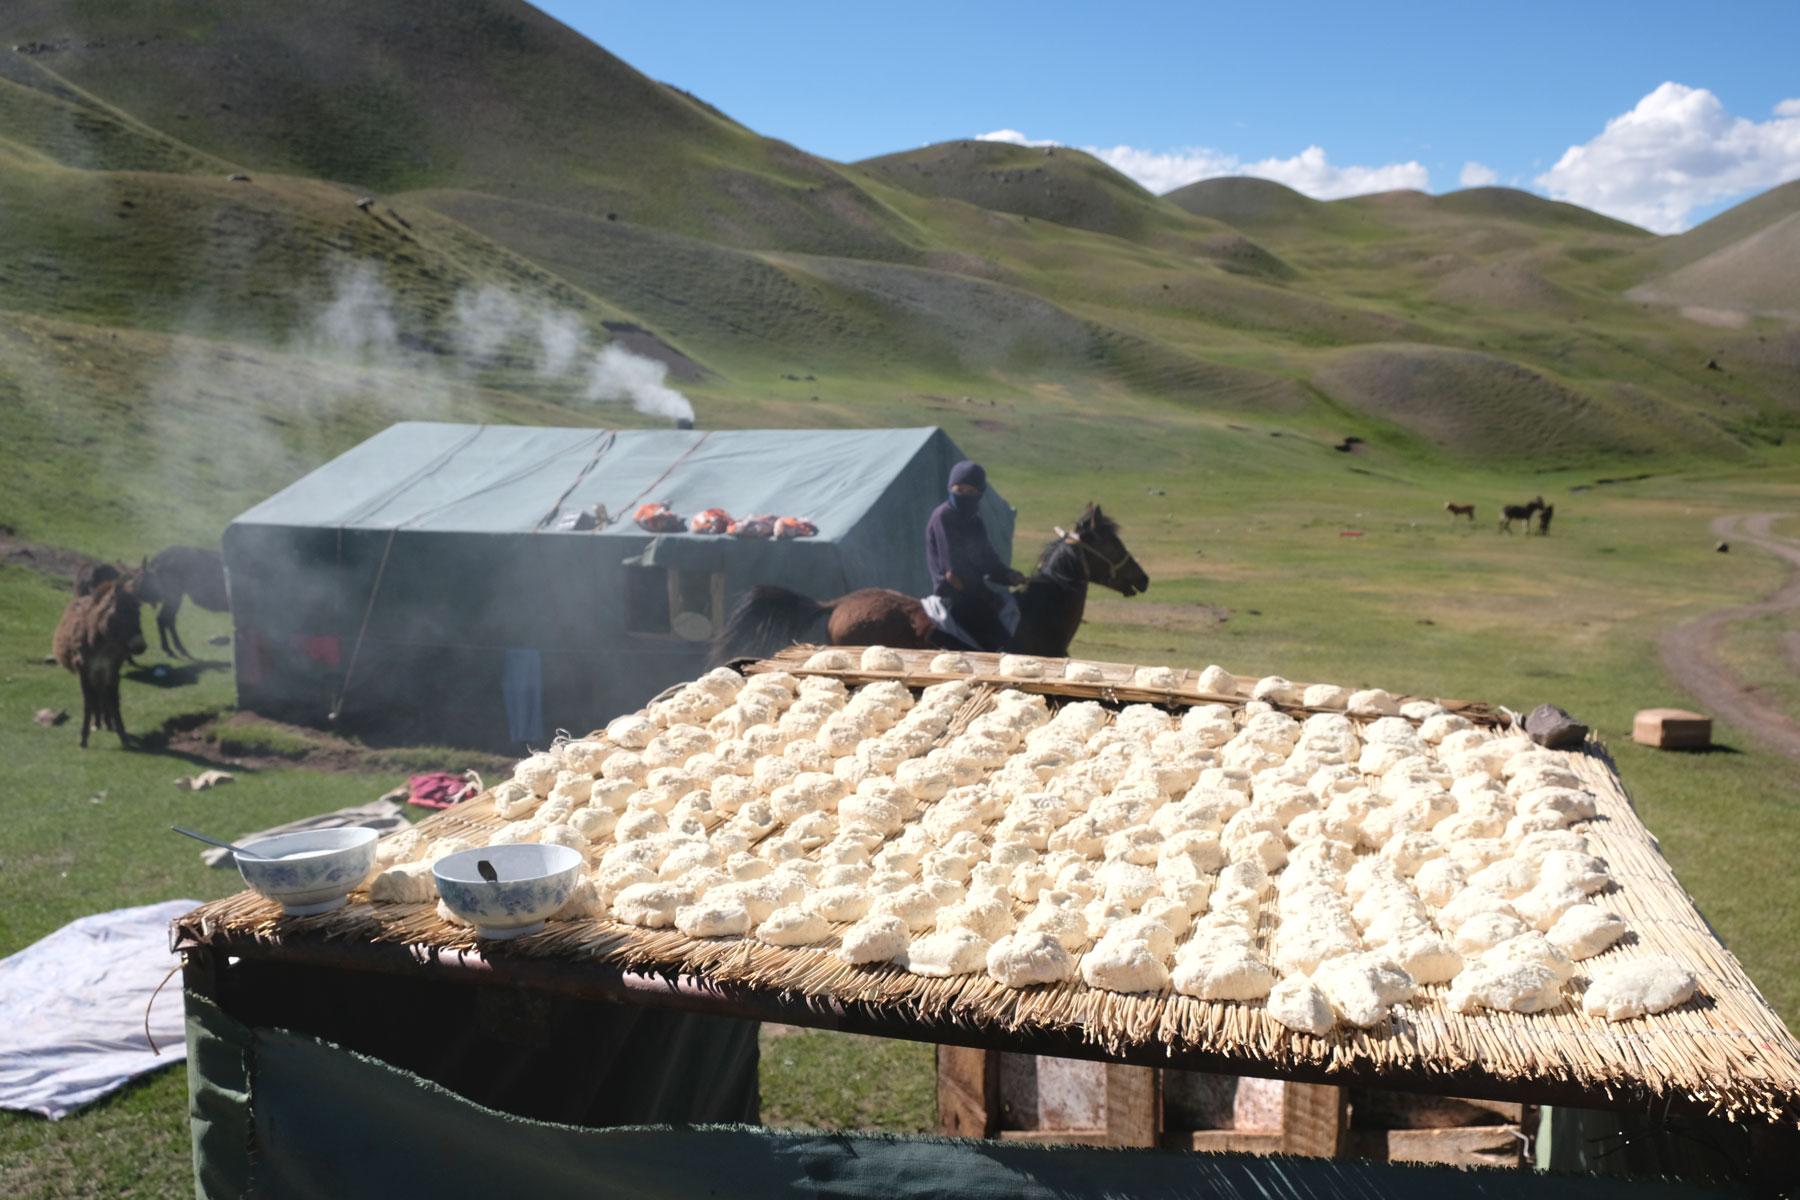 Auf dem Dach einer Hütte wird kirgisischer Käse getrocknet.